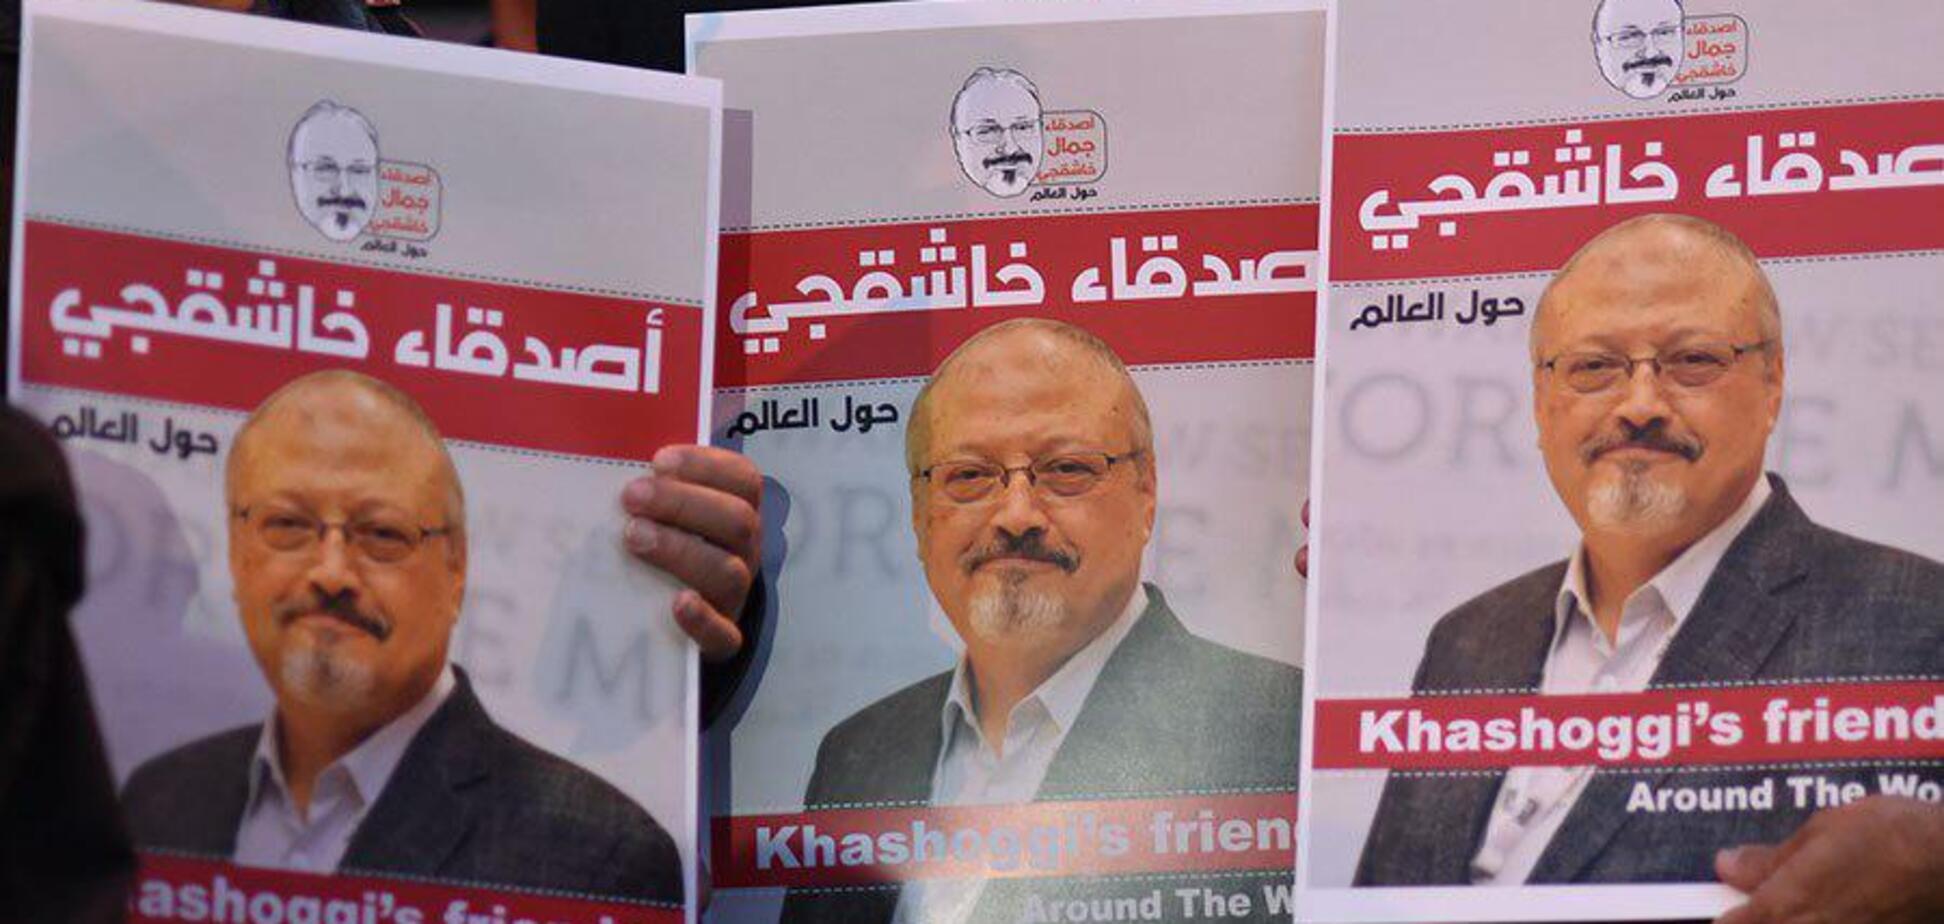 ''Расчлененное тело вывезли в чемоданах'': новые подробности убийства саудовского журналиста